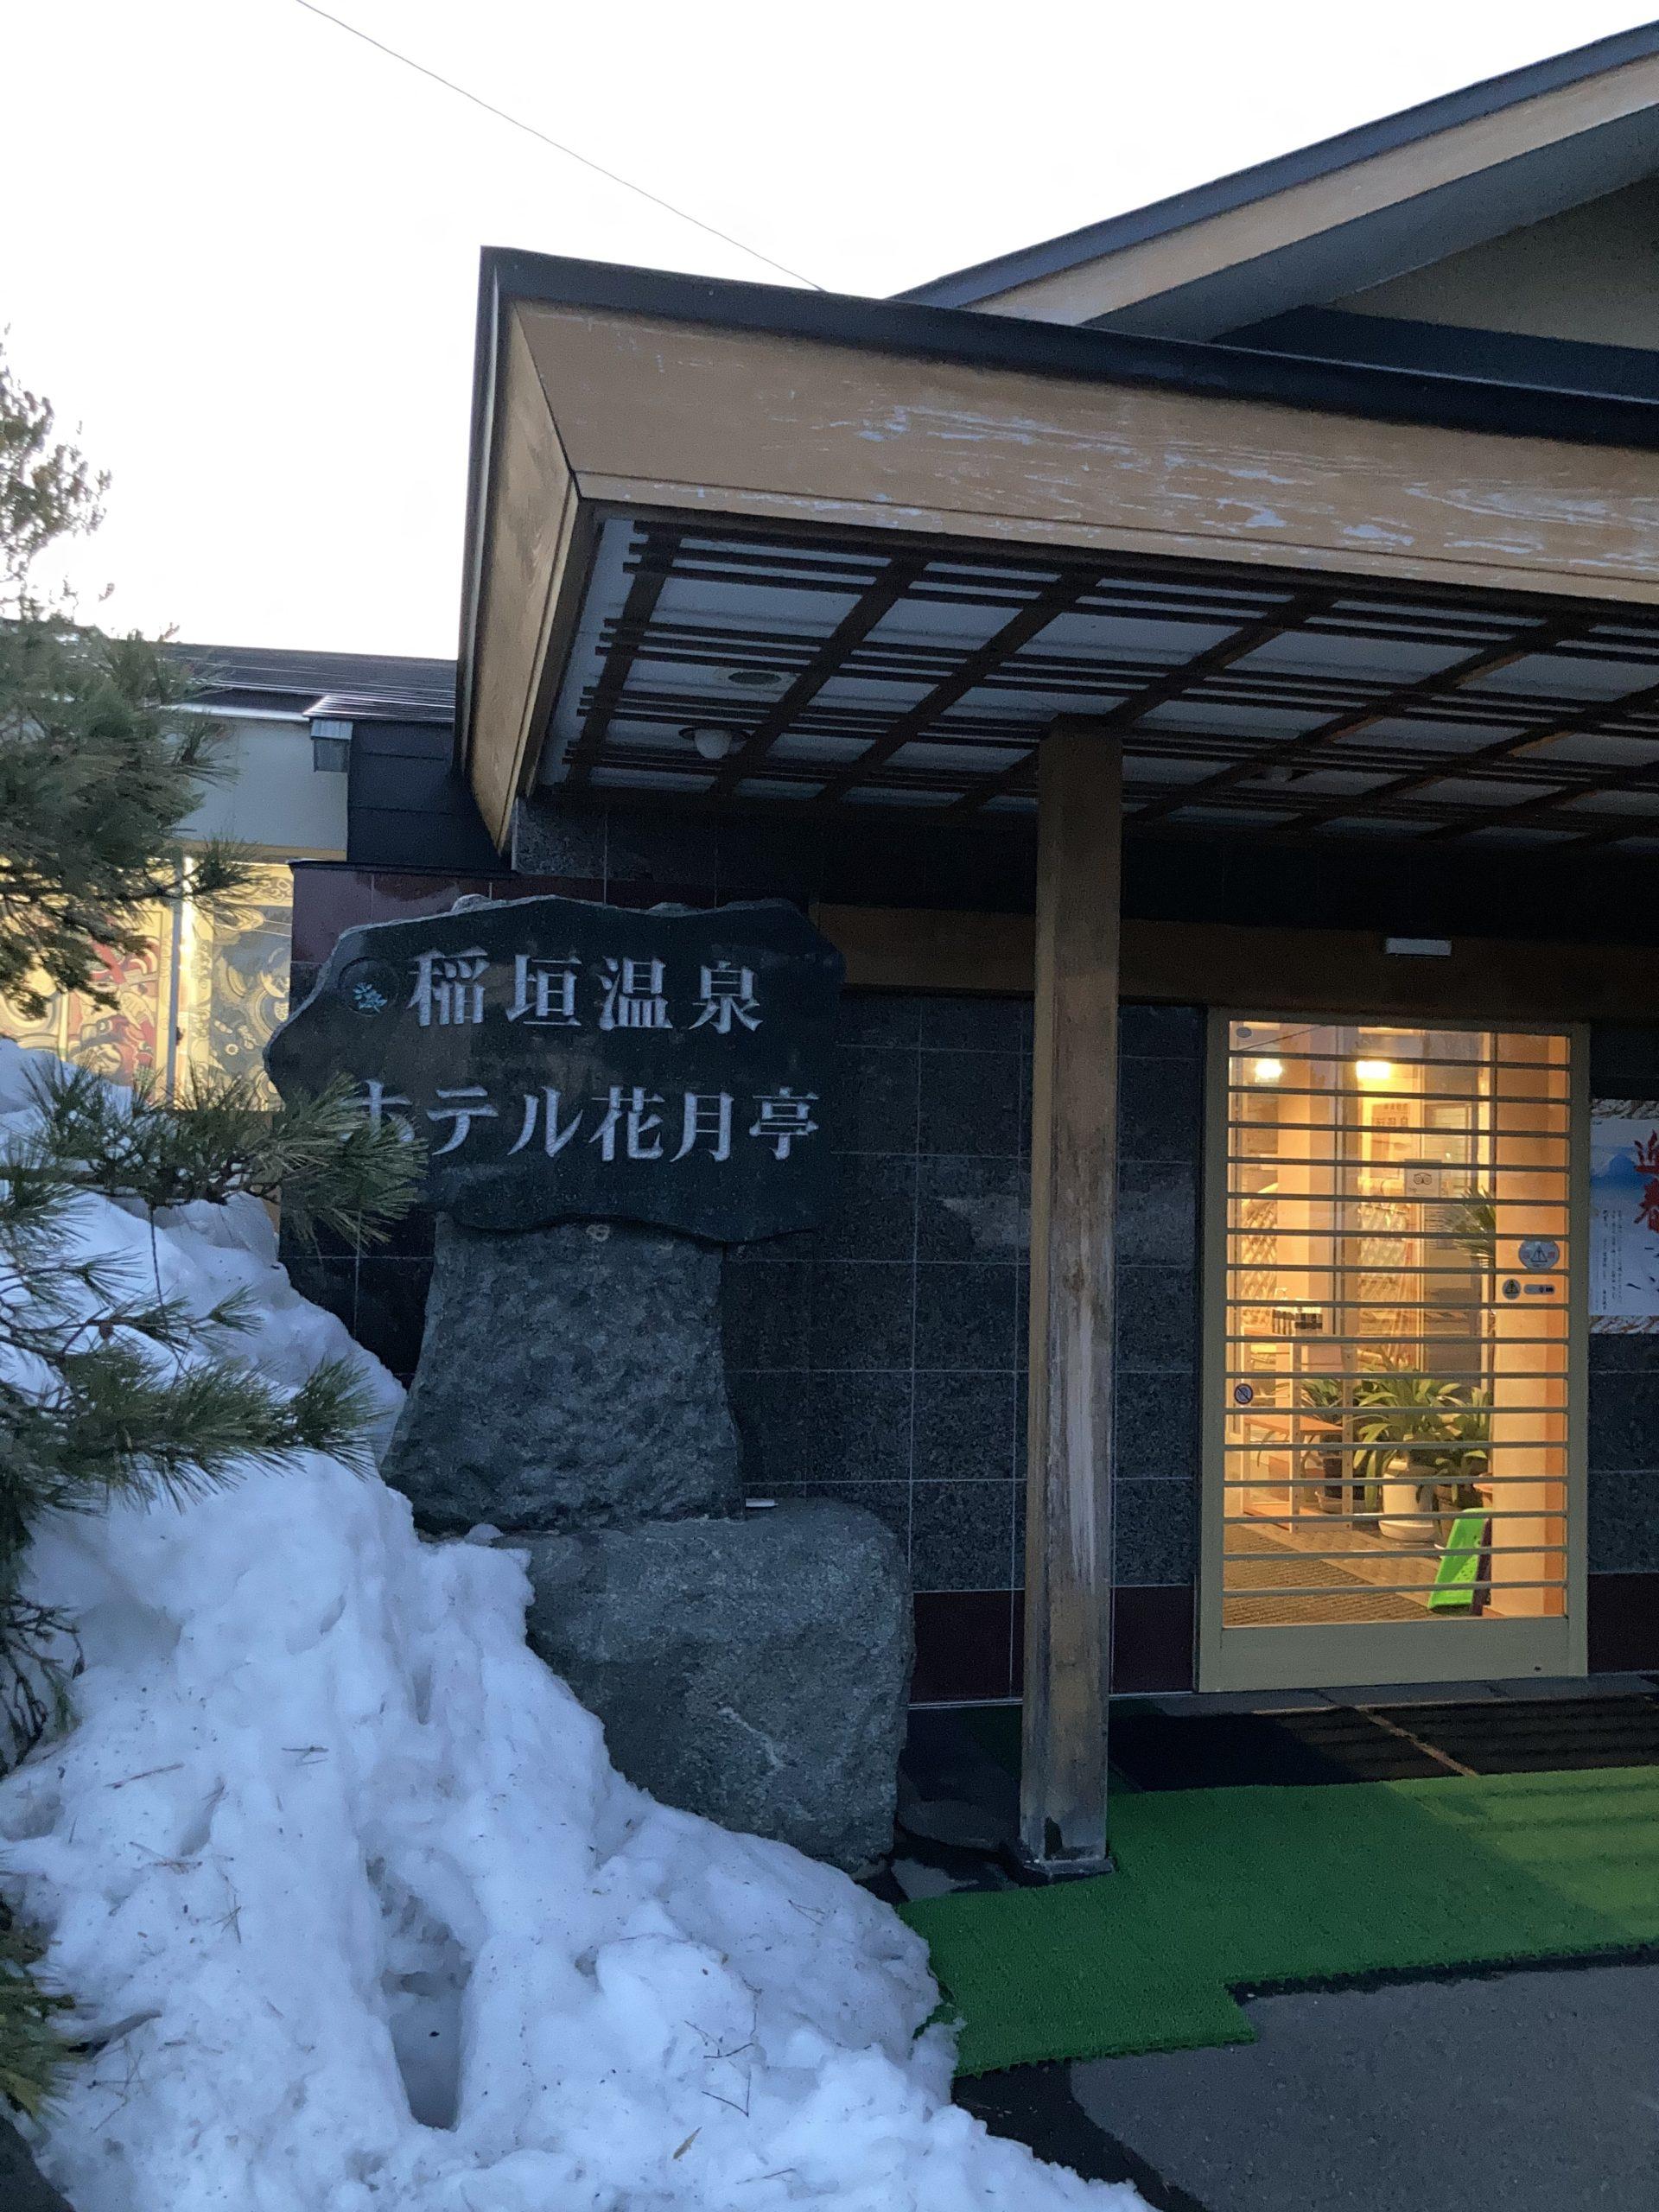 青森宿泊キャンペーン 稲垣温泉ホテル花月亭